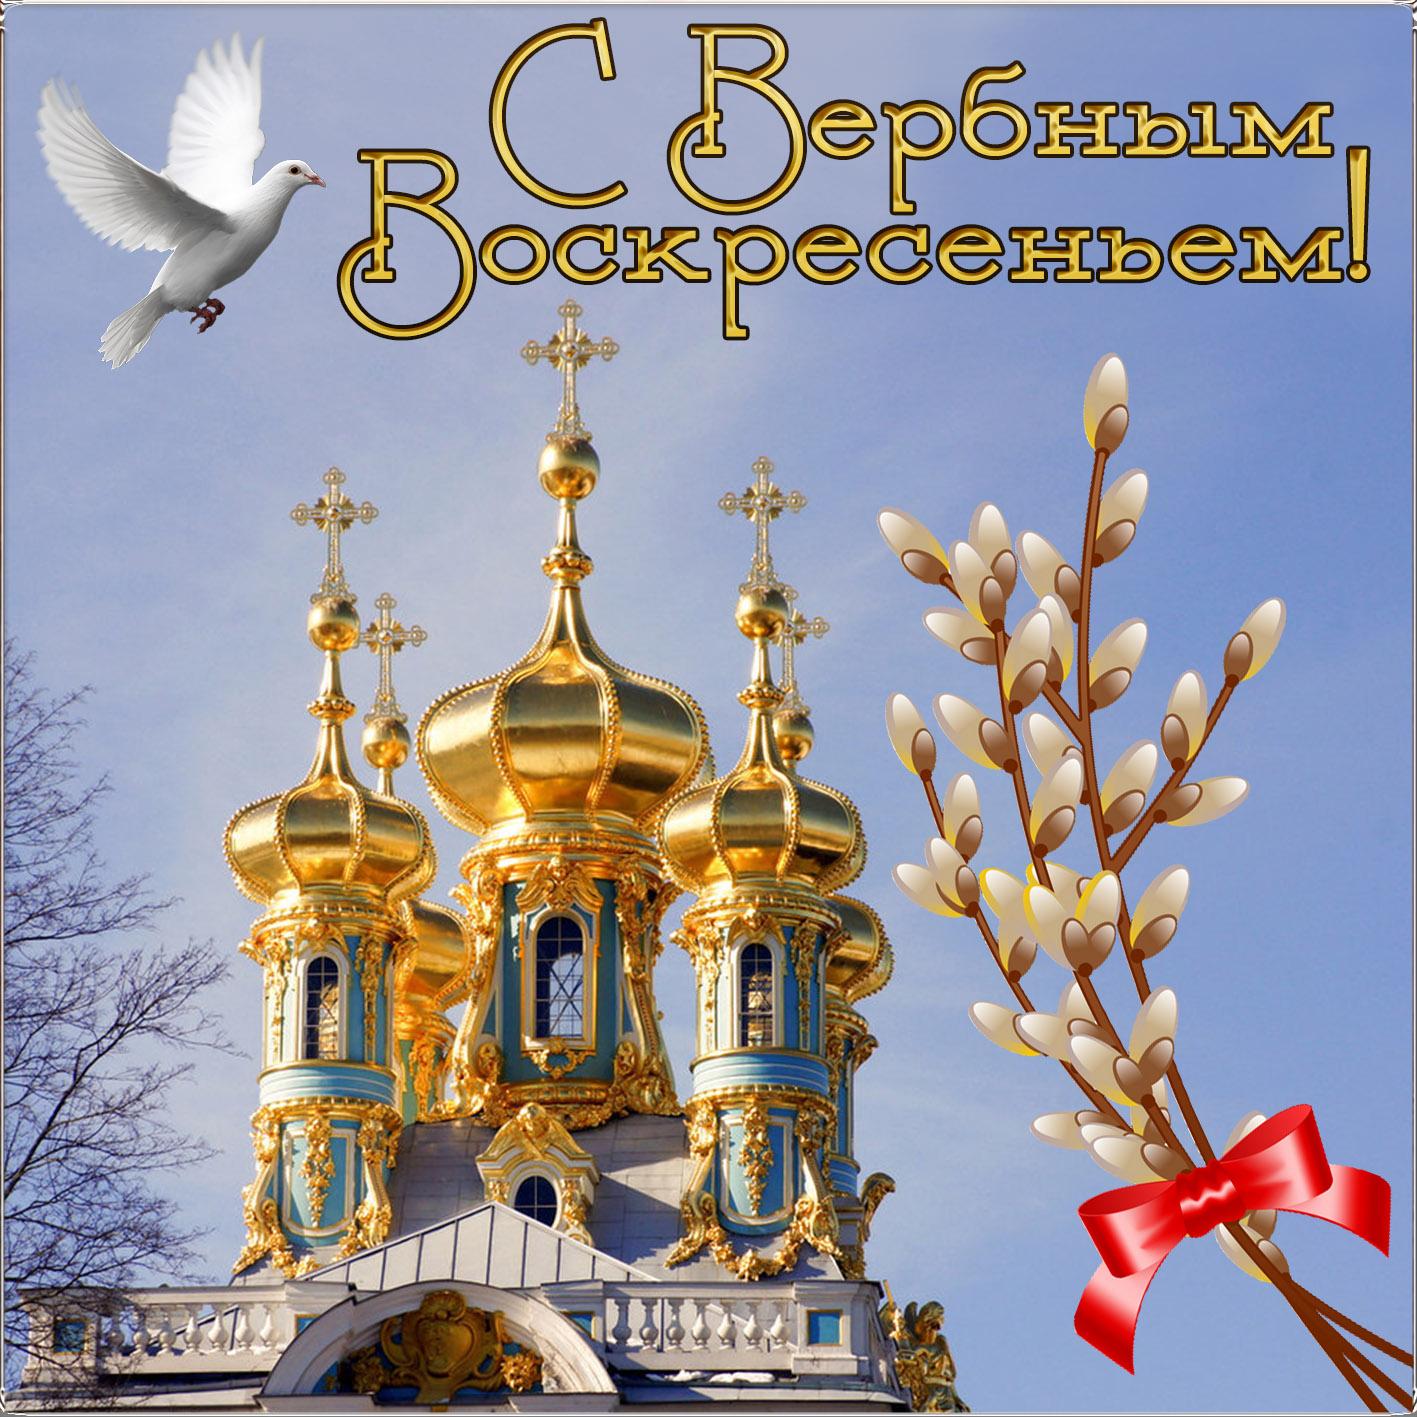 otkrytki-s-verbnym-voskresenem-2019-kartinki-nailuchshie-pozdravleniya-i-pozhelaniya_825.jpg